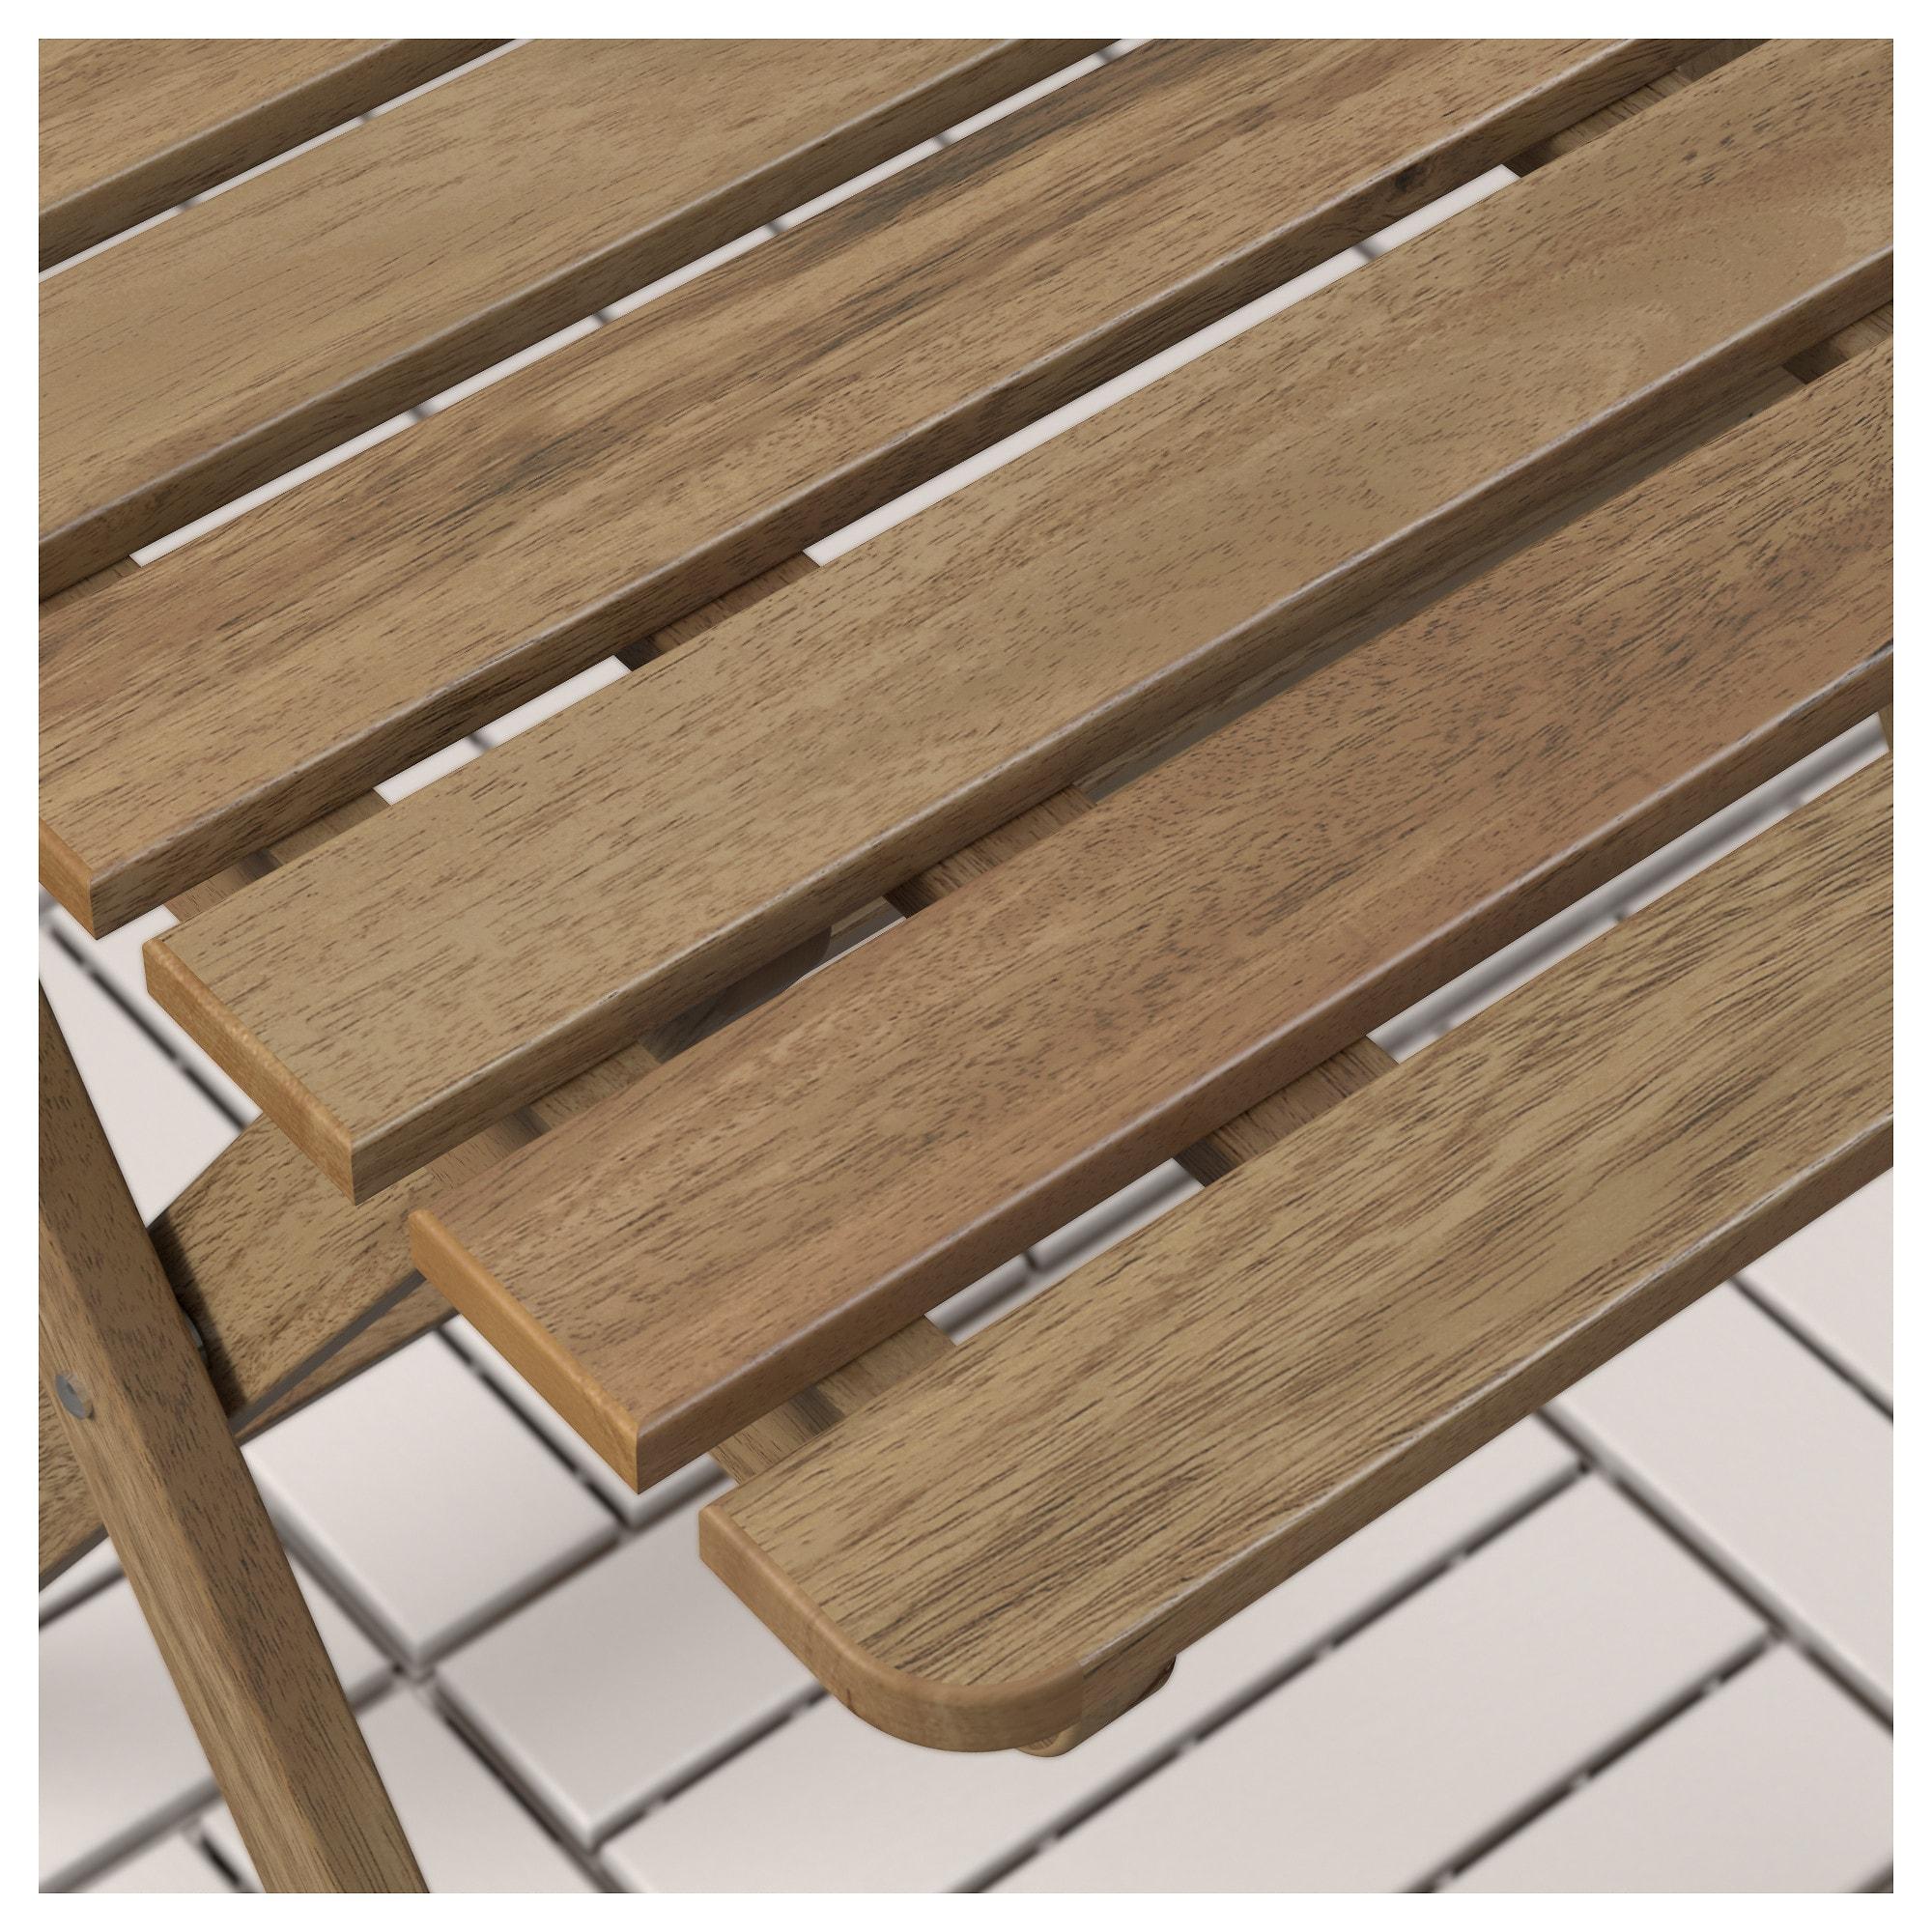 Стол + 2 стула, для сада АСКХОЛЬМЕН синий артикуль № 992.288.86 в наличии. Онлайн сайт IKEA Беларусь. Быстрая доставка и соборка.